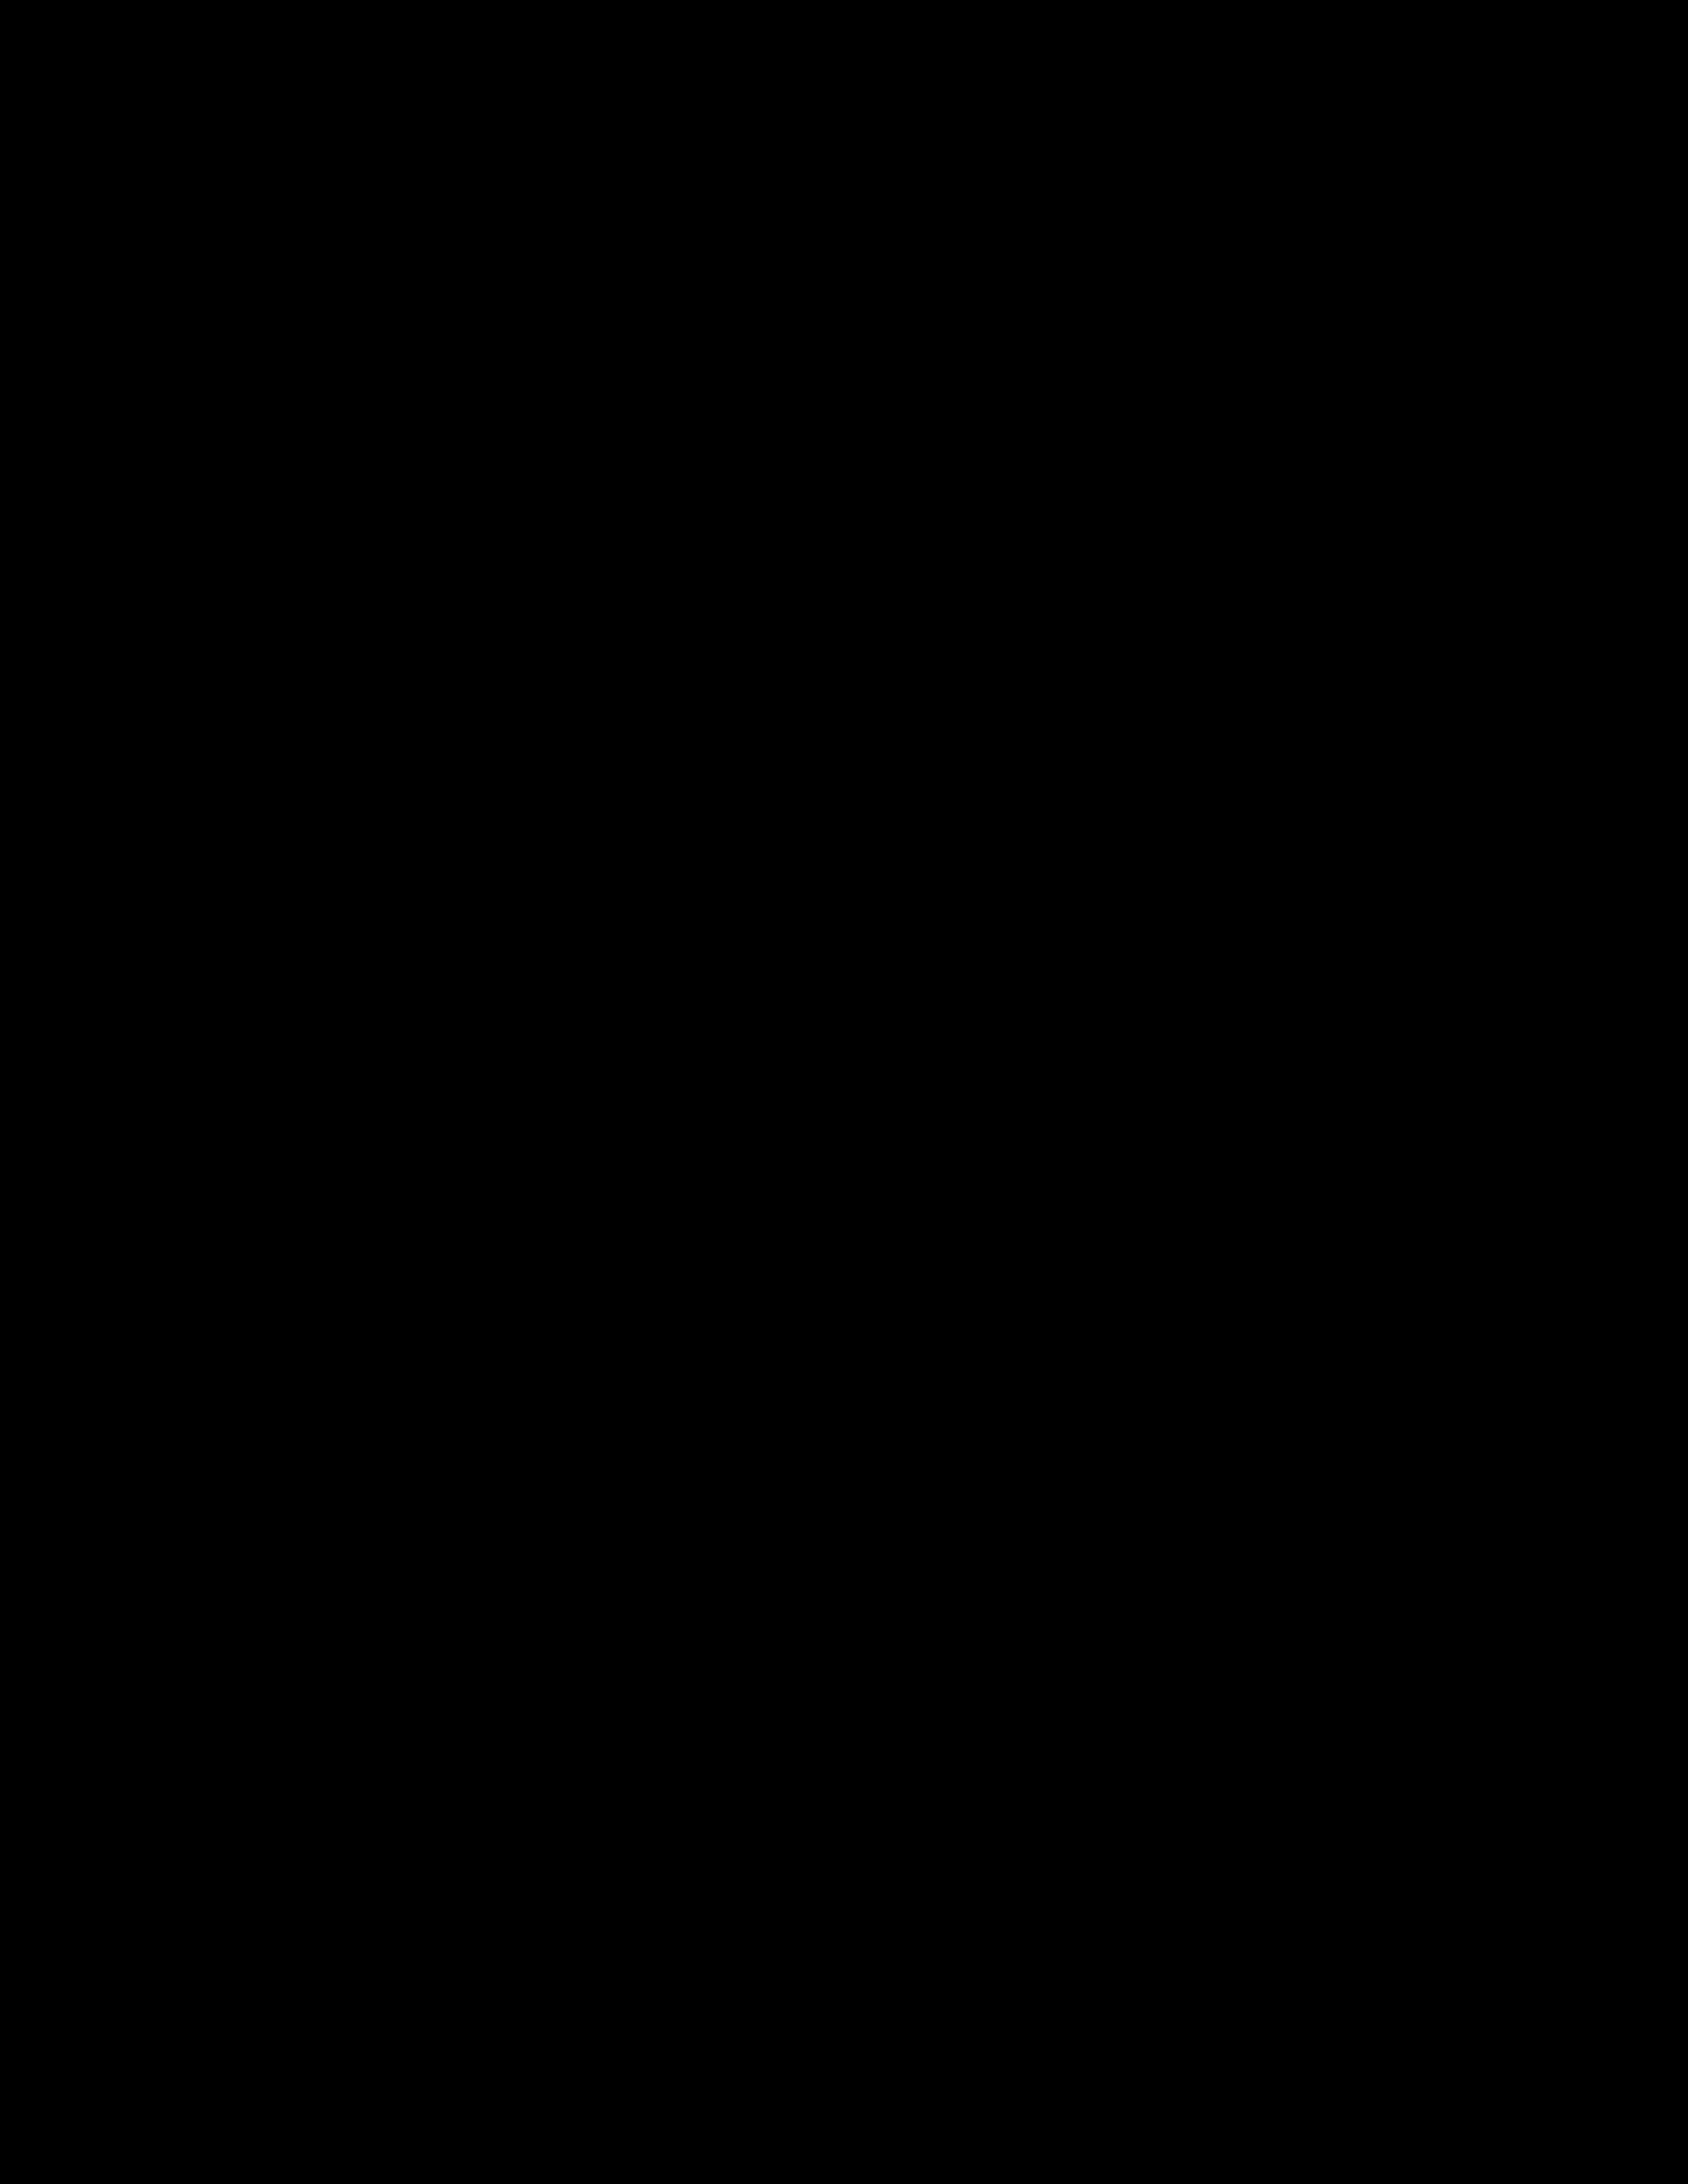 Gizmodo India - Aug '17 Page 1